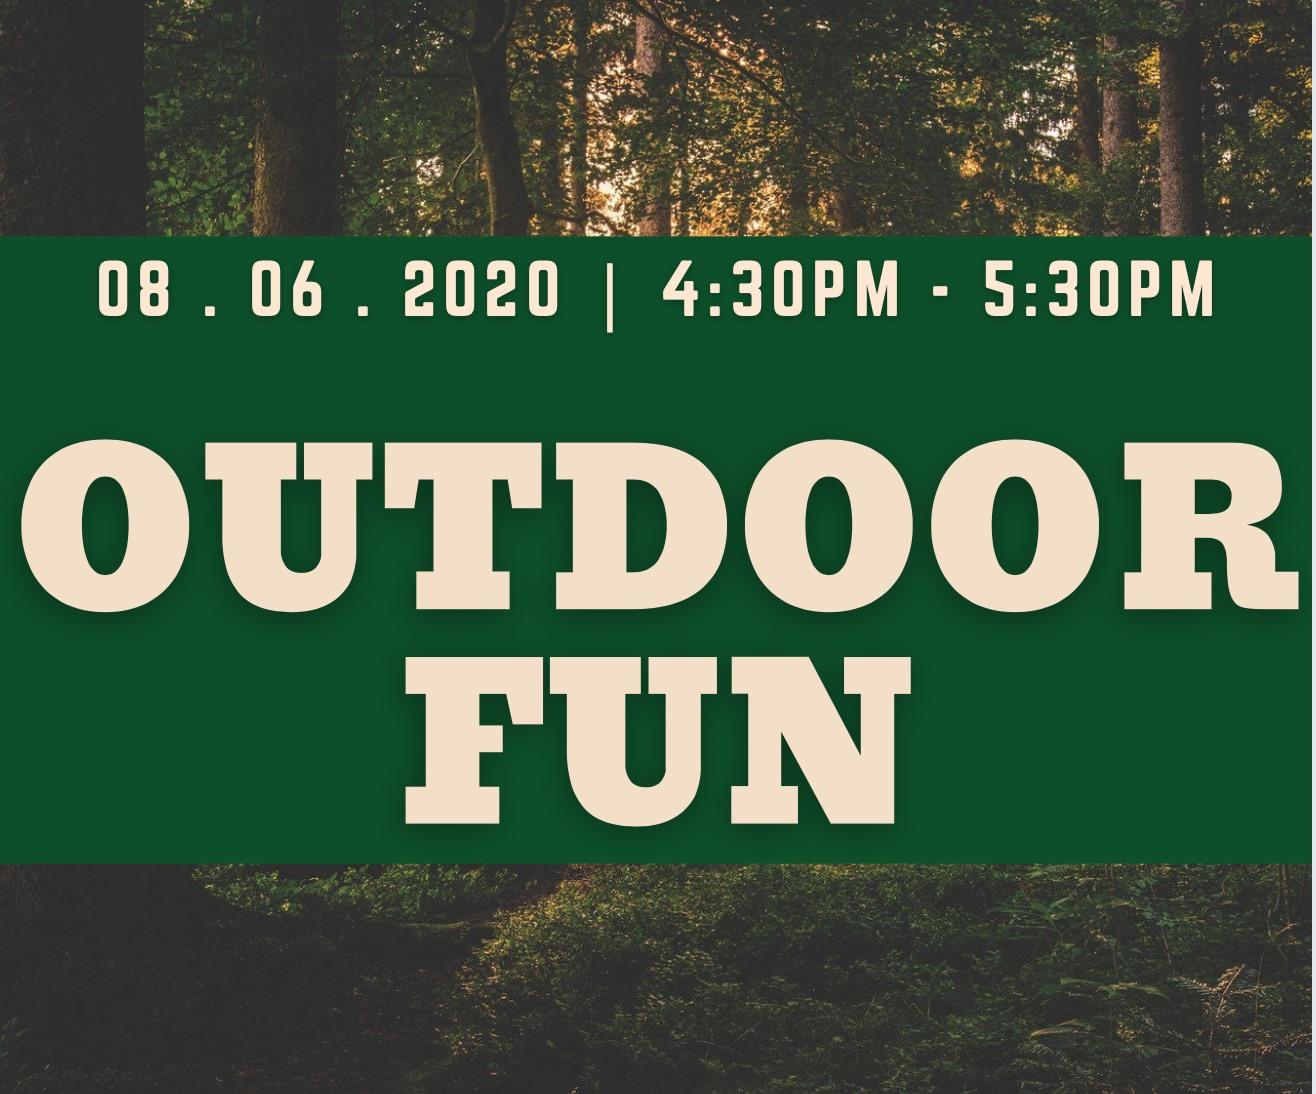 Outdoor fun 08/06/20 4:30-5:30 p.m. in front of woods